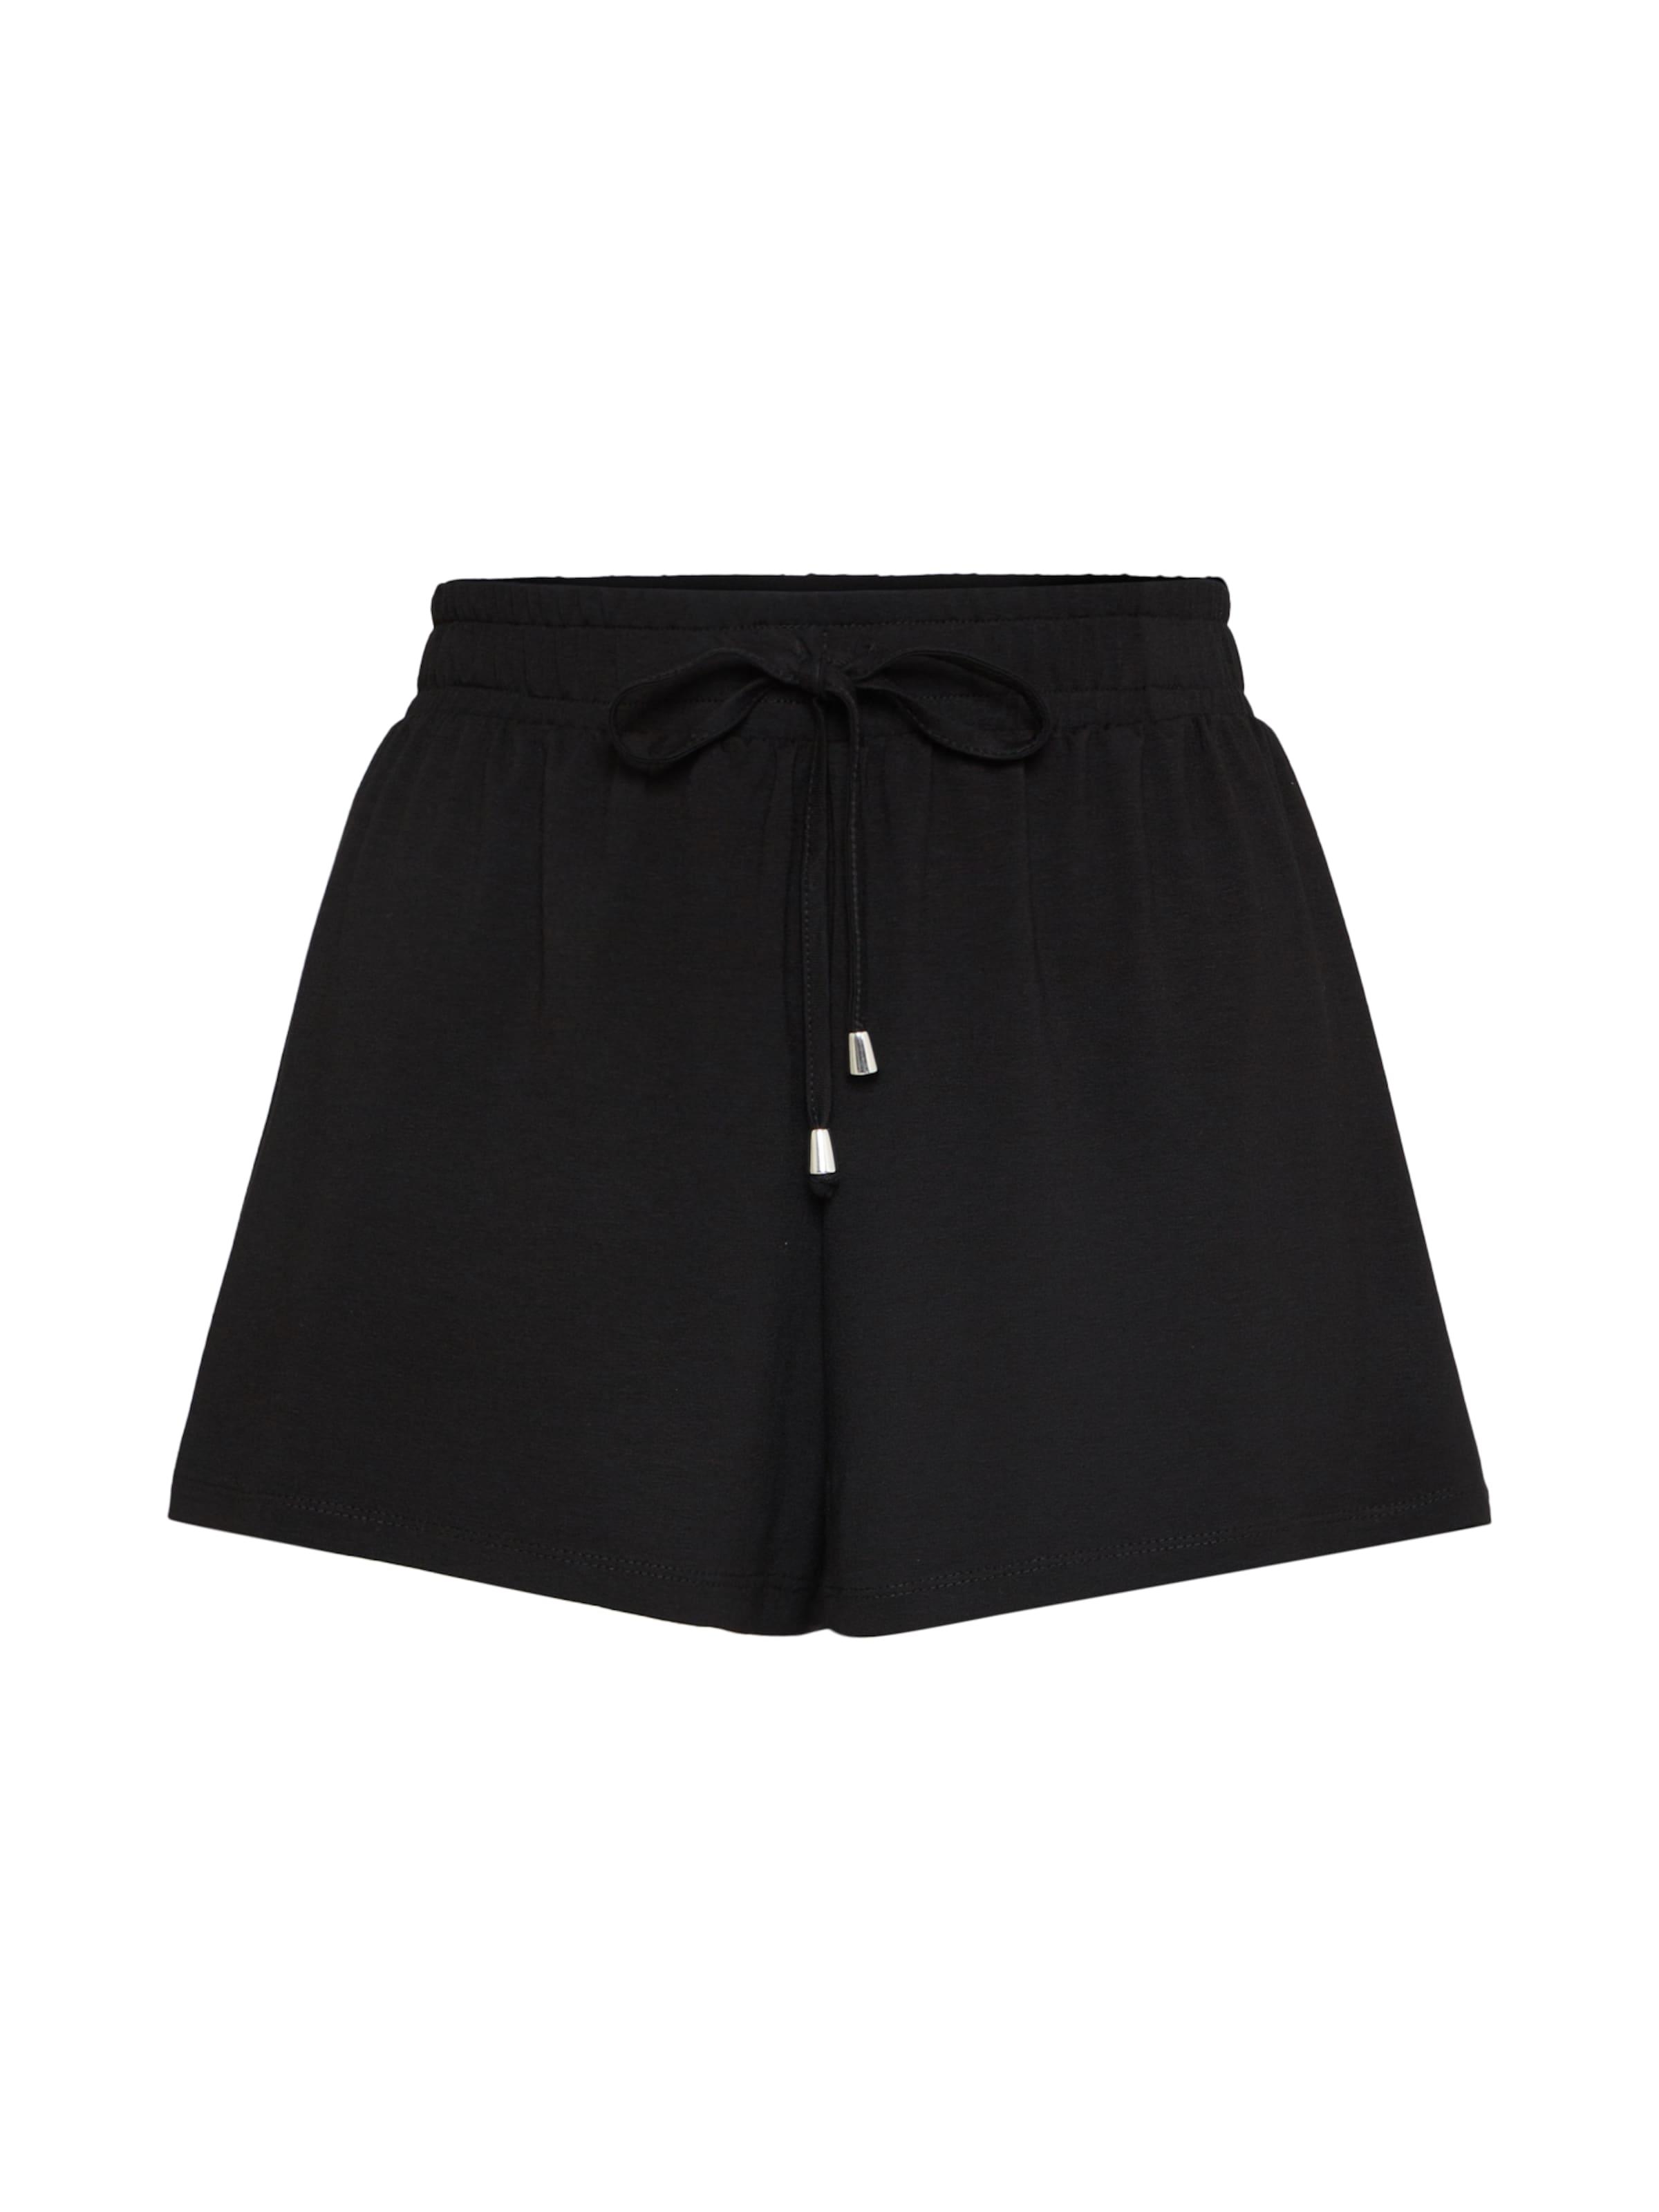 In 'inken' Schwarz You About Shorts DEIH29